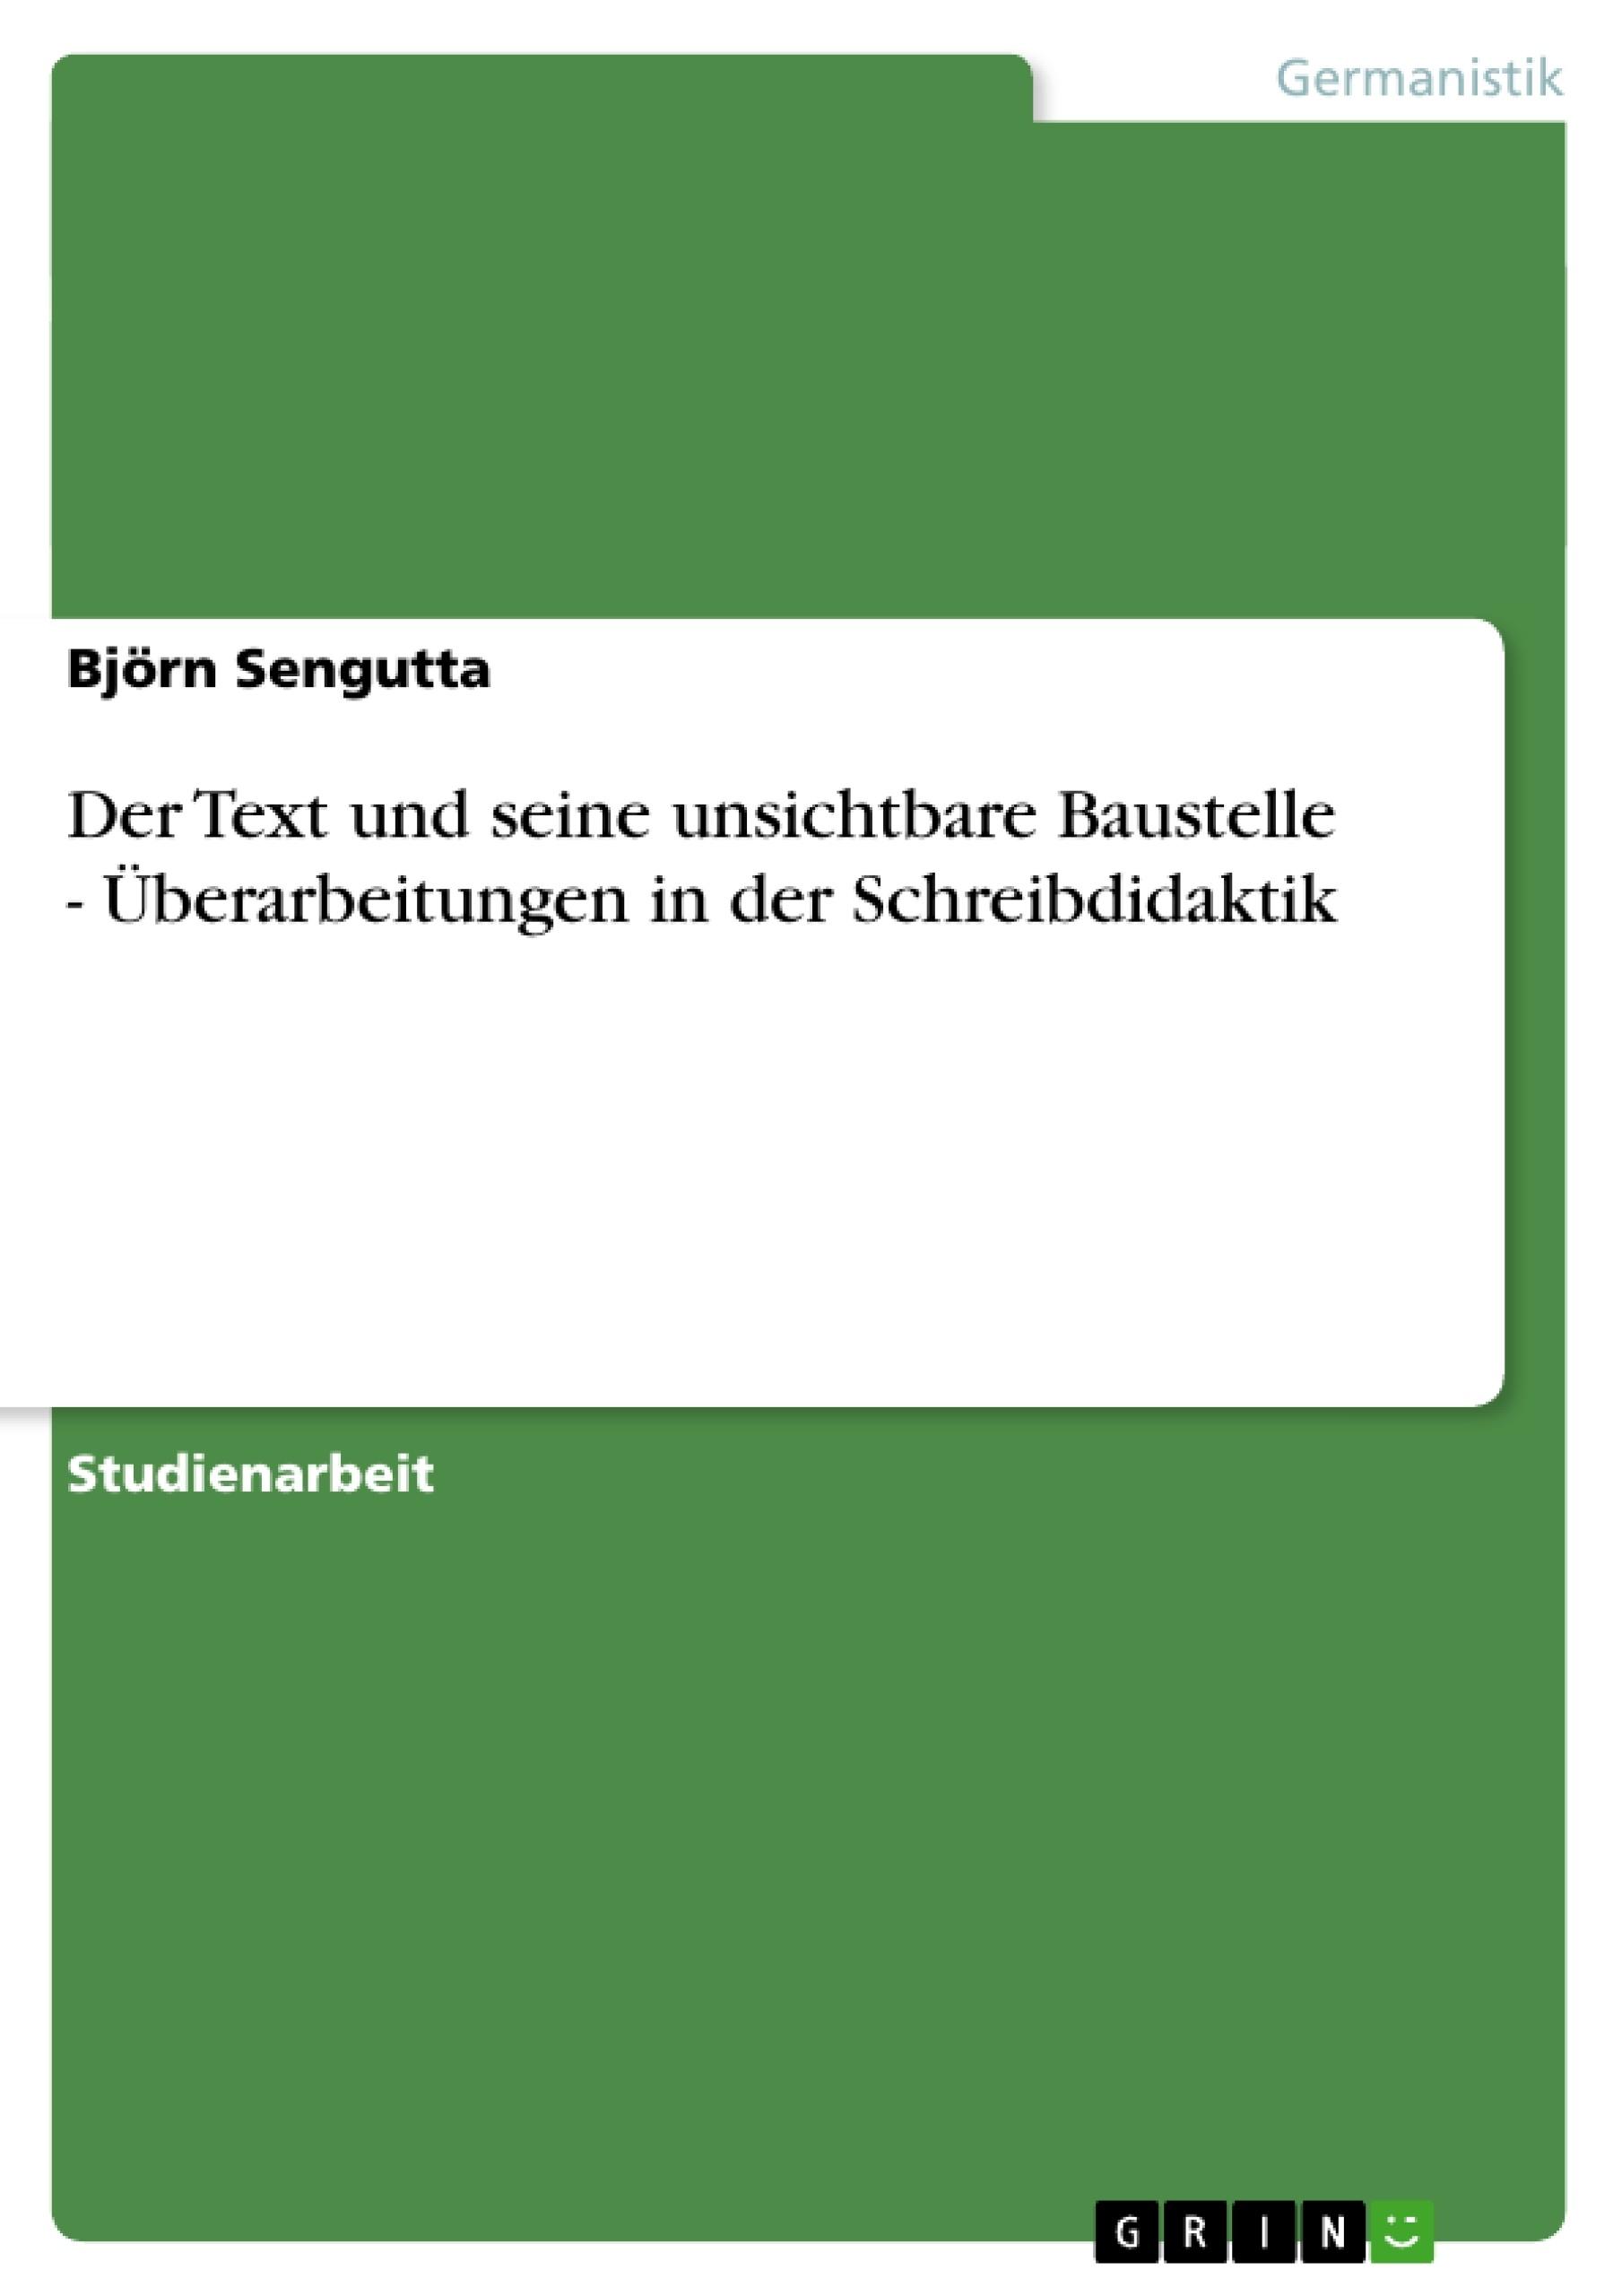 Titel: Der Text und seine unsichtbare Baustelle - Überarbeitungen in der Schreibdidaktik